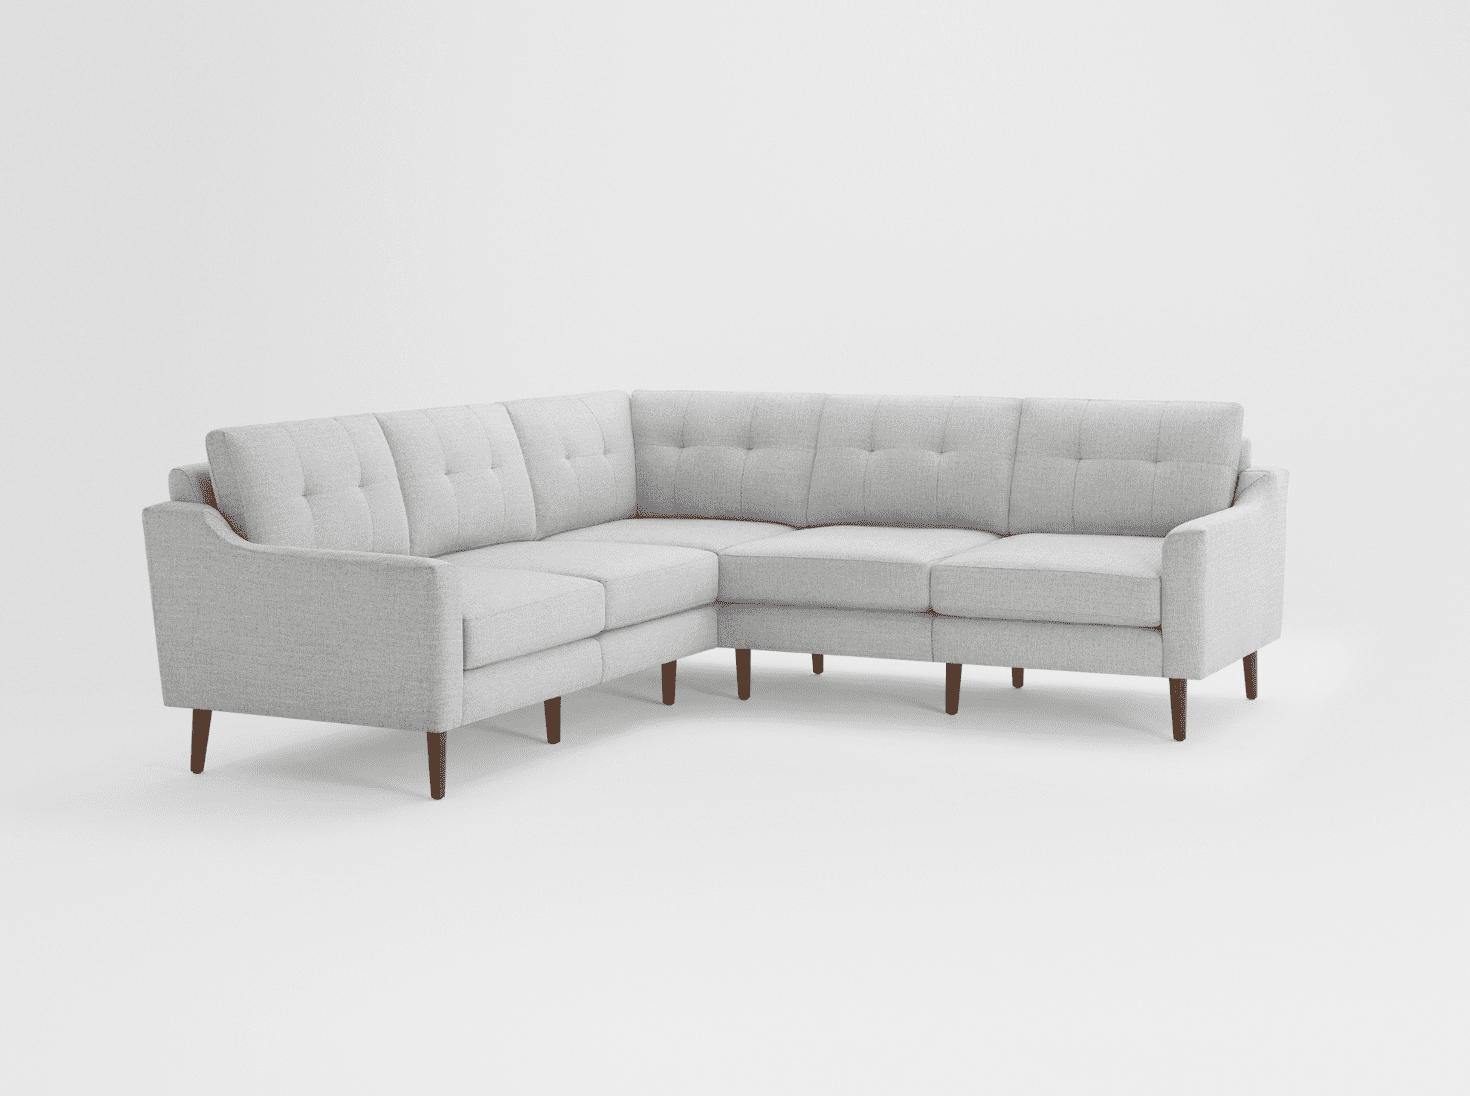 Sofá seccional en forma de L